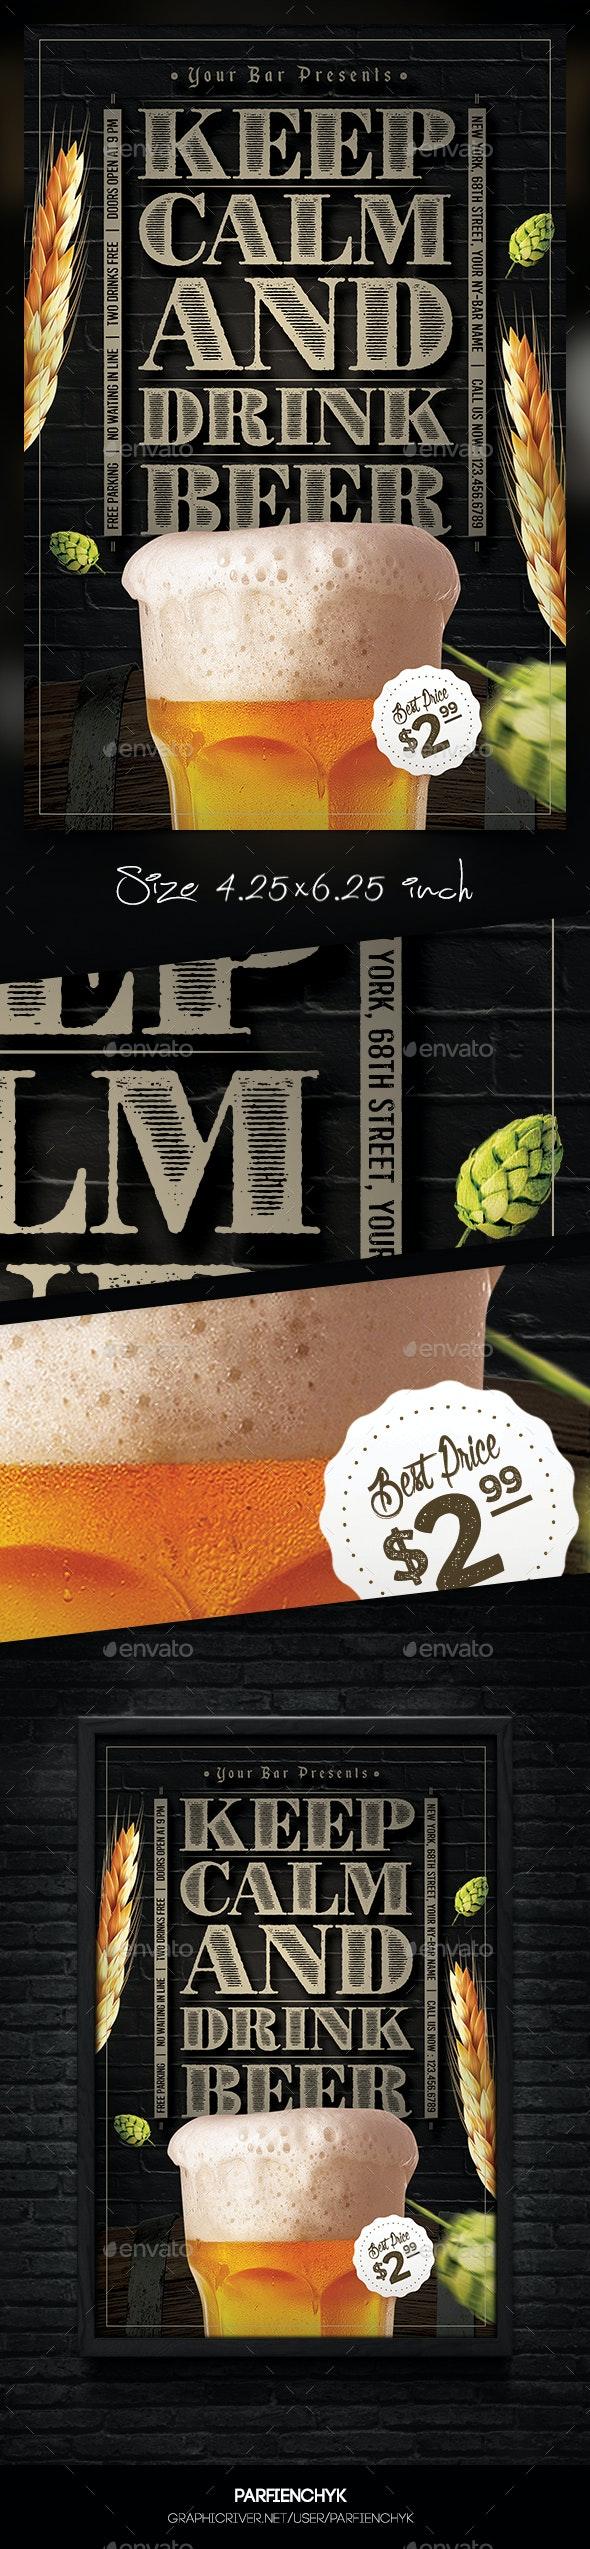 Beer Flyer Template - Restaurant Flyers